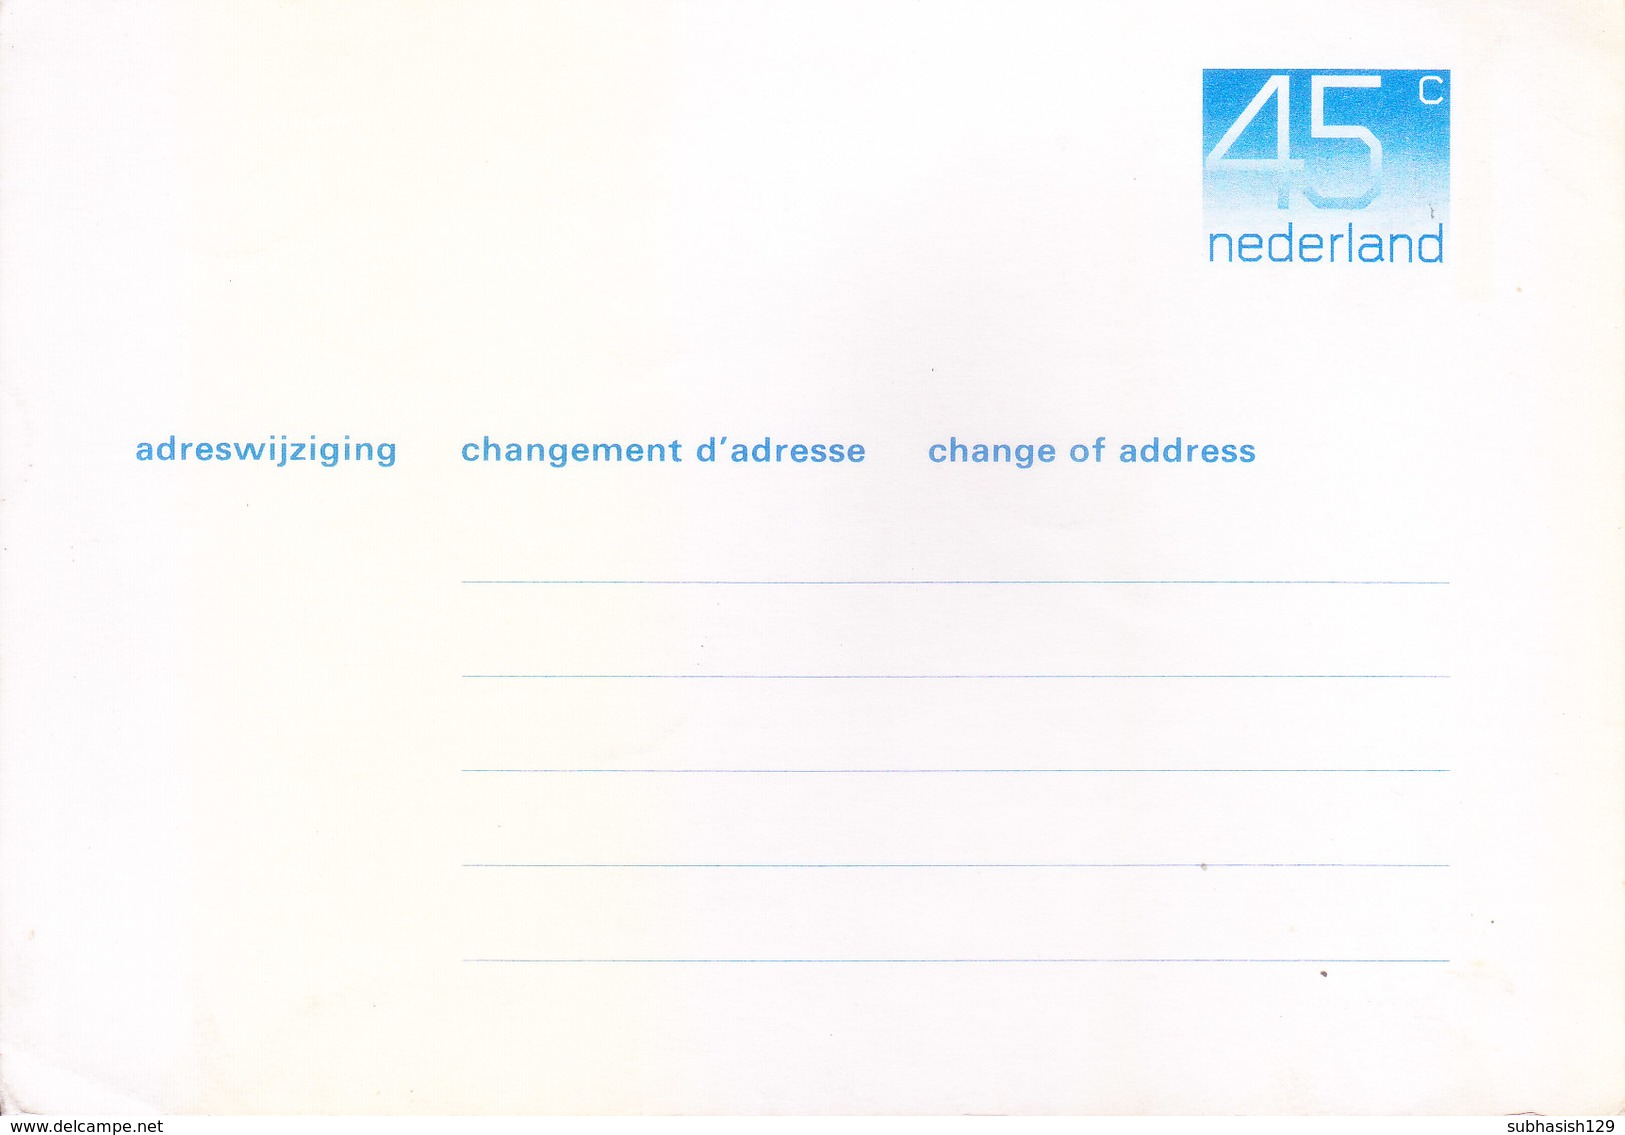 NEDERLAND UNUSED / MINT OFFICIAL POSTAL STATIONERY CARD FOR CHANGE OF ADDRESS - Postal Stationery